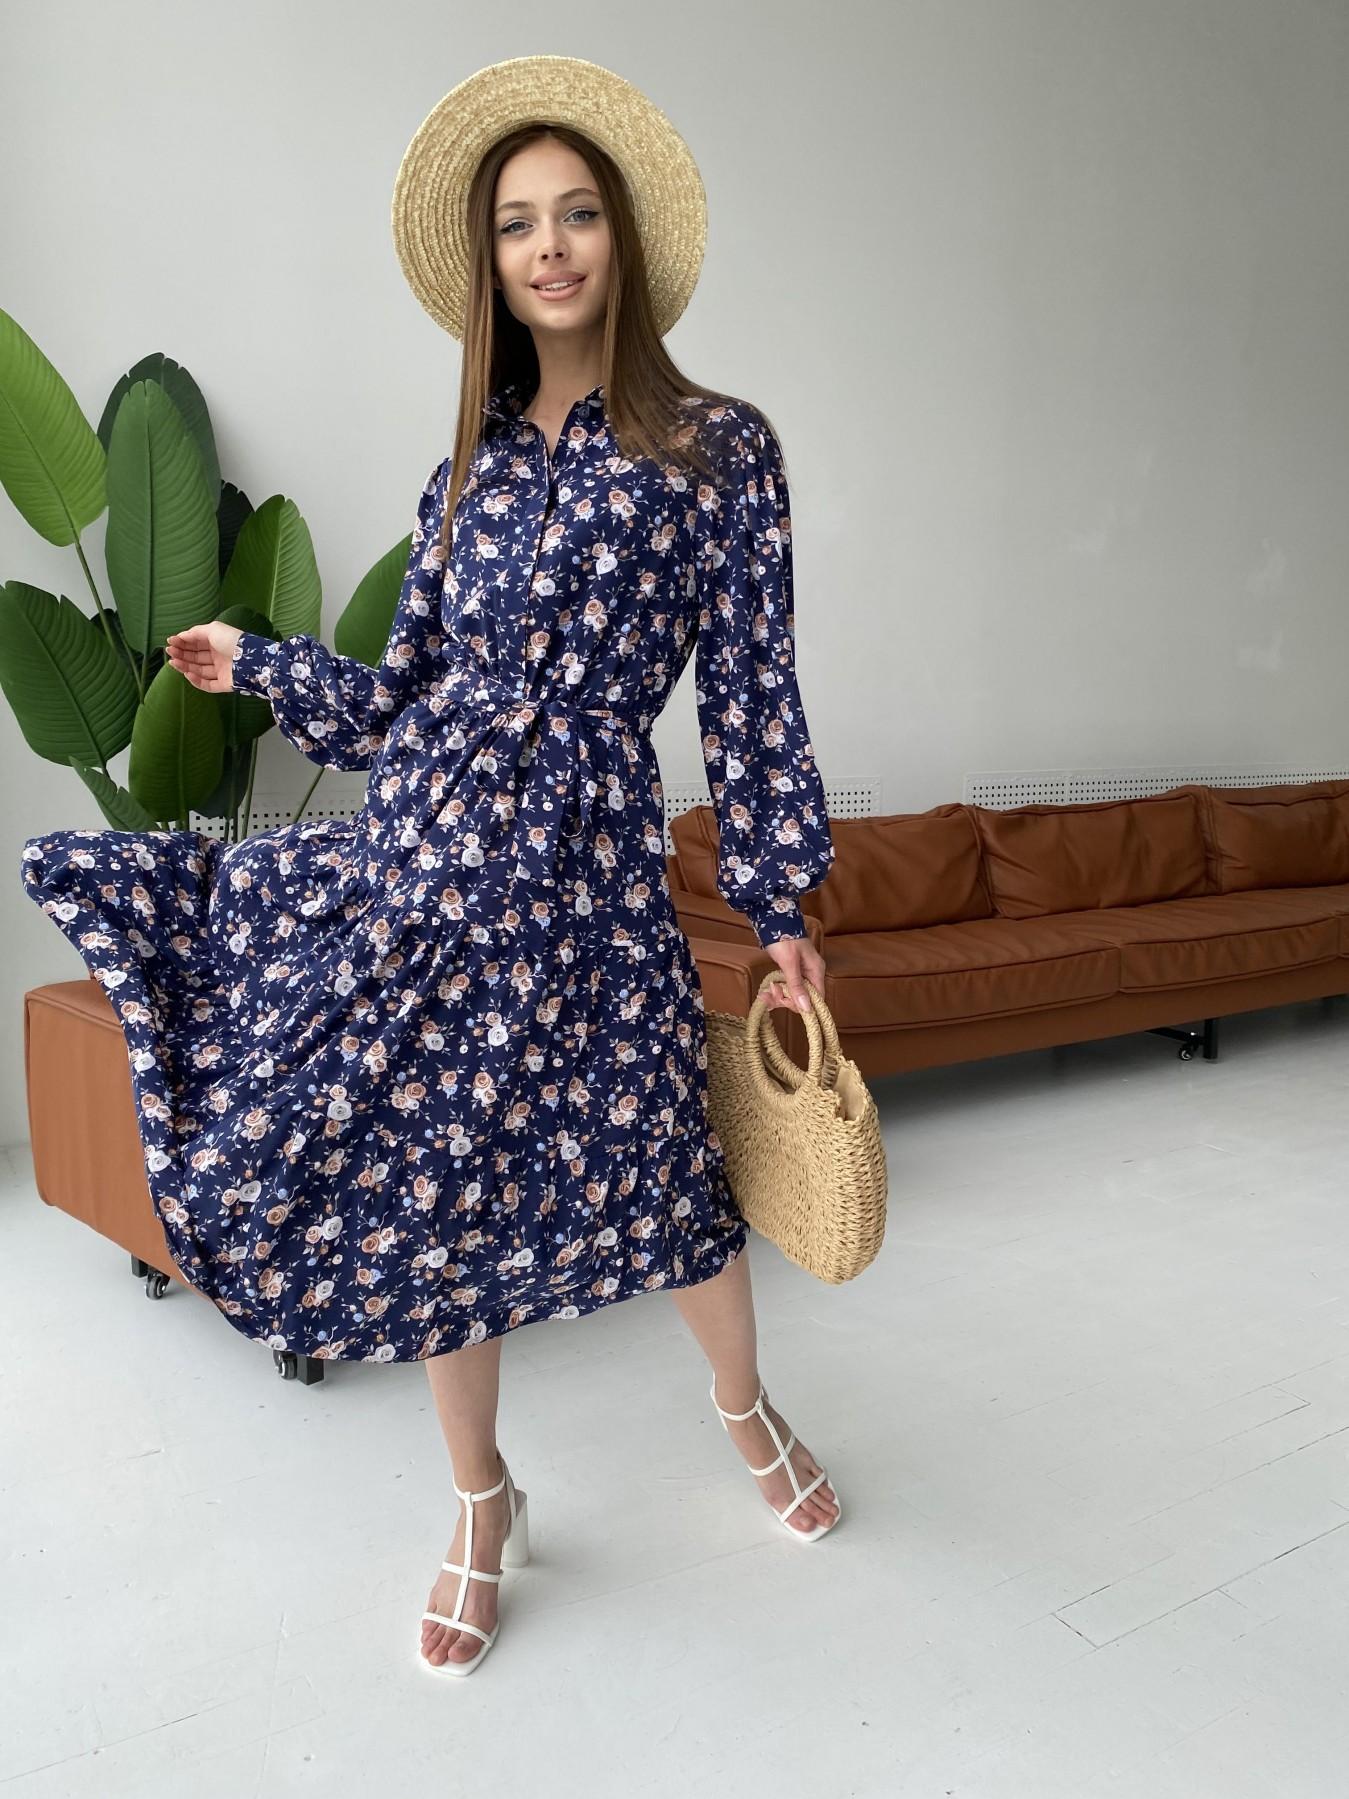 Лилия платье из софта с принтом 11108 АРТ. 47845 Цвет: Т.синий/Розочки - фото 1, интернет магазин tm-modus.ru